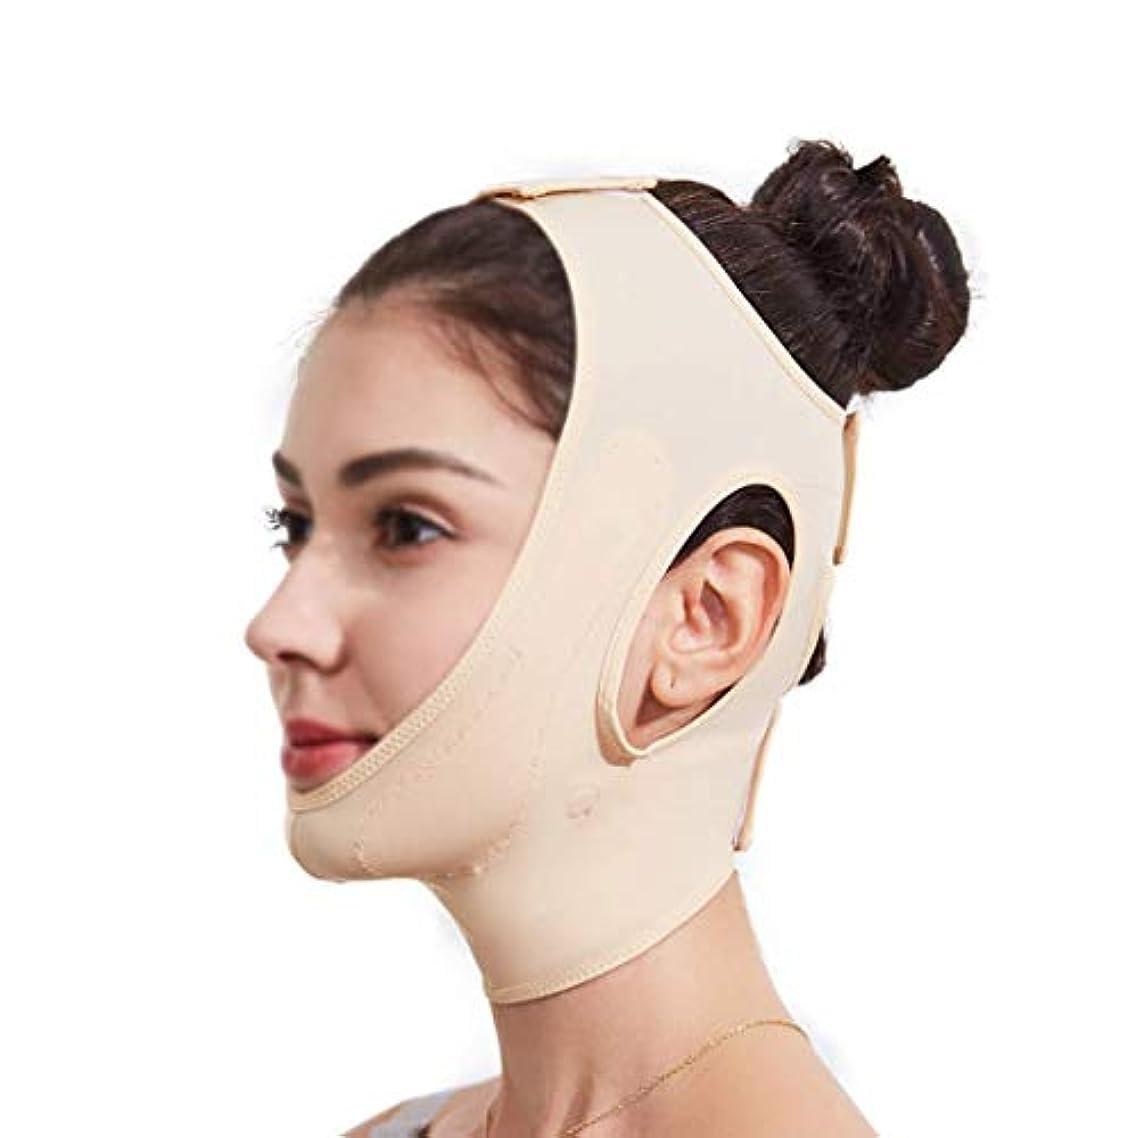 悪因子私の放棄フェイスリフティングマスク、360°オールラウンドリフティングフェイシャルコンター、あごを閉じて肌を引き締め、快適でフェイスライトをサポートし、通気性を保ちます(サイズ:ブラック),肌の色